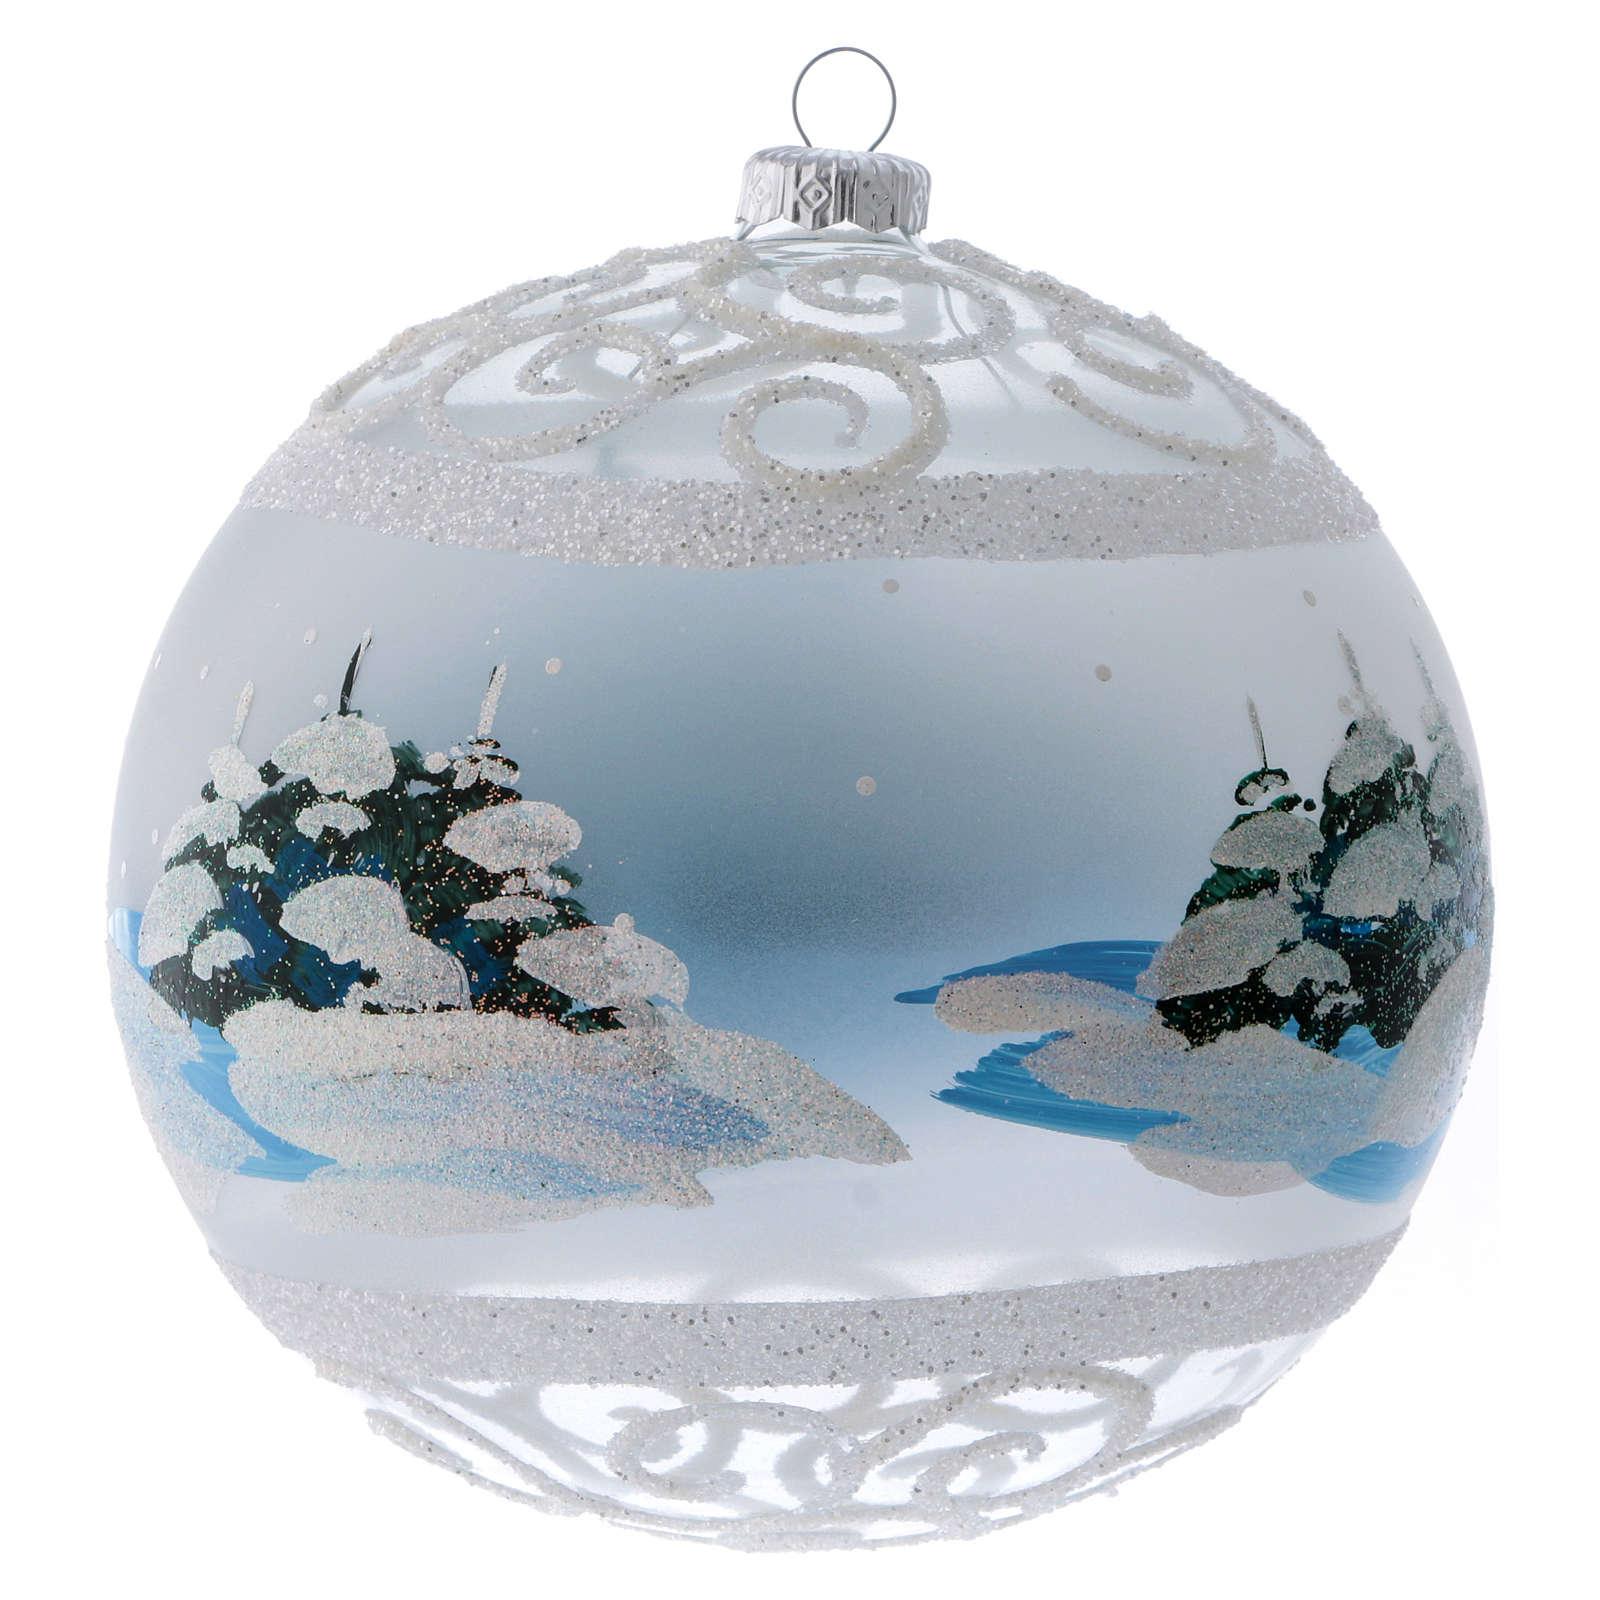 Palla Natale vetro trasparente effetto neve e ghiaccio 150 mm 4